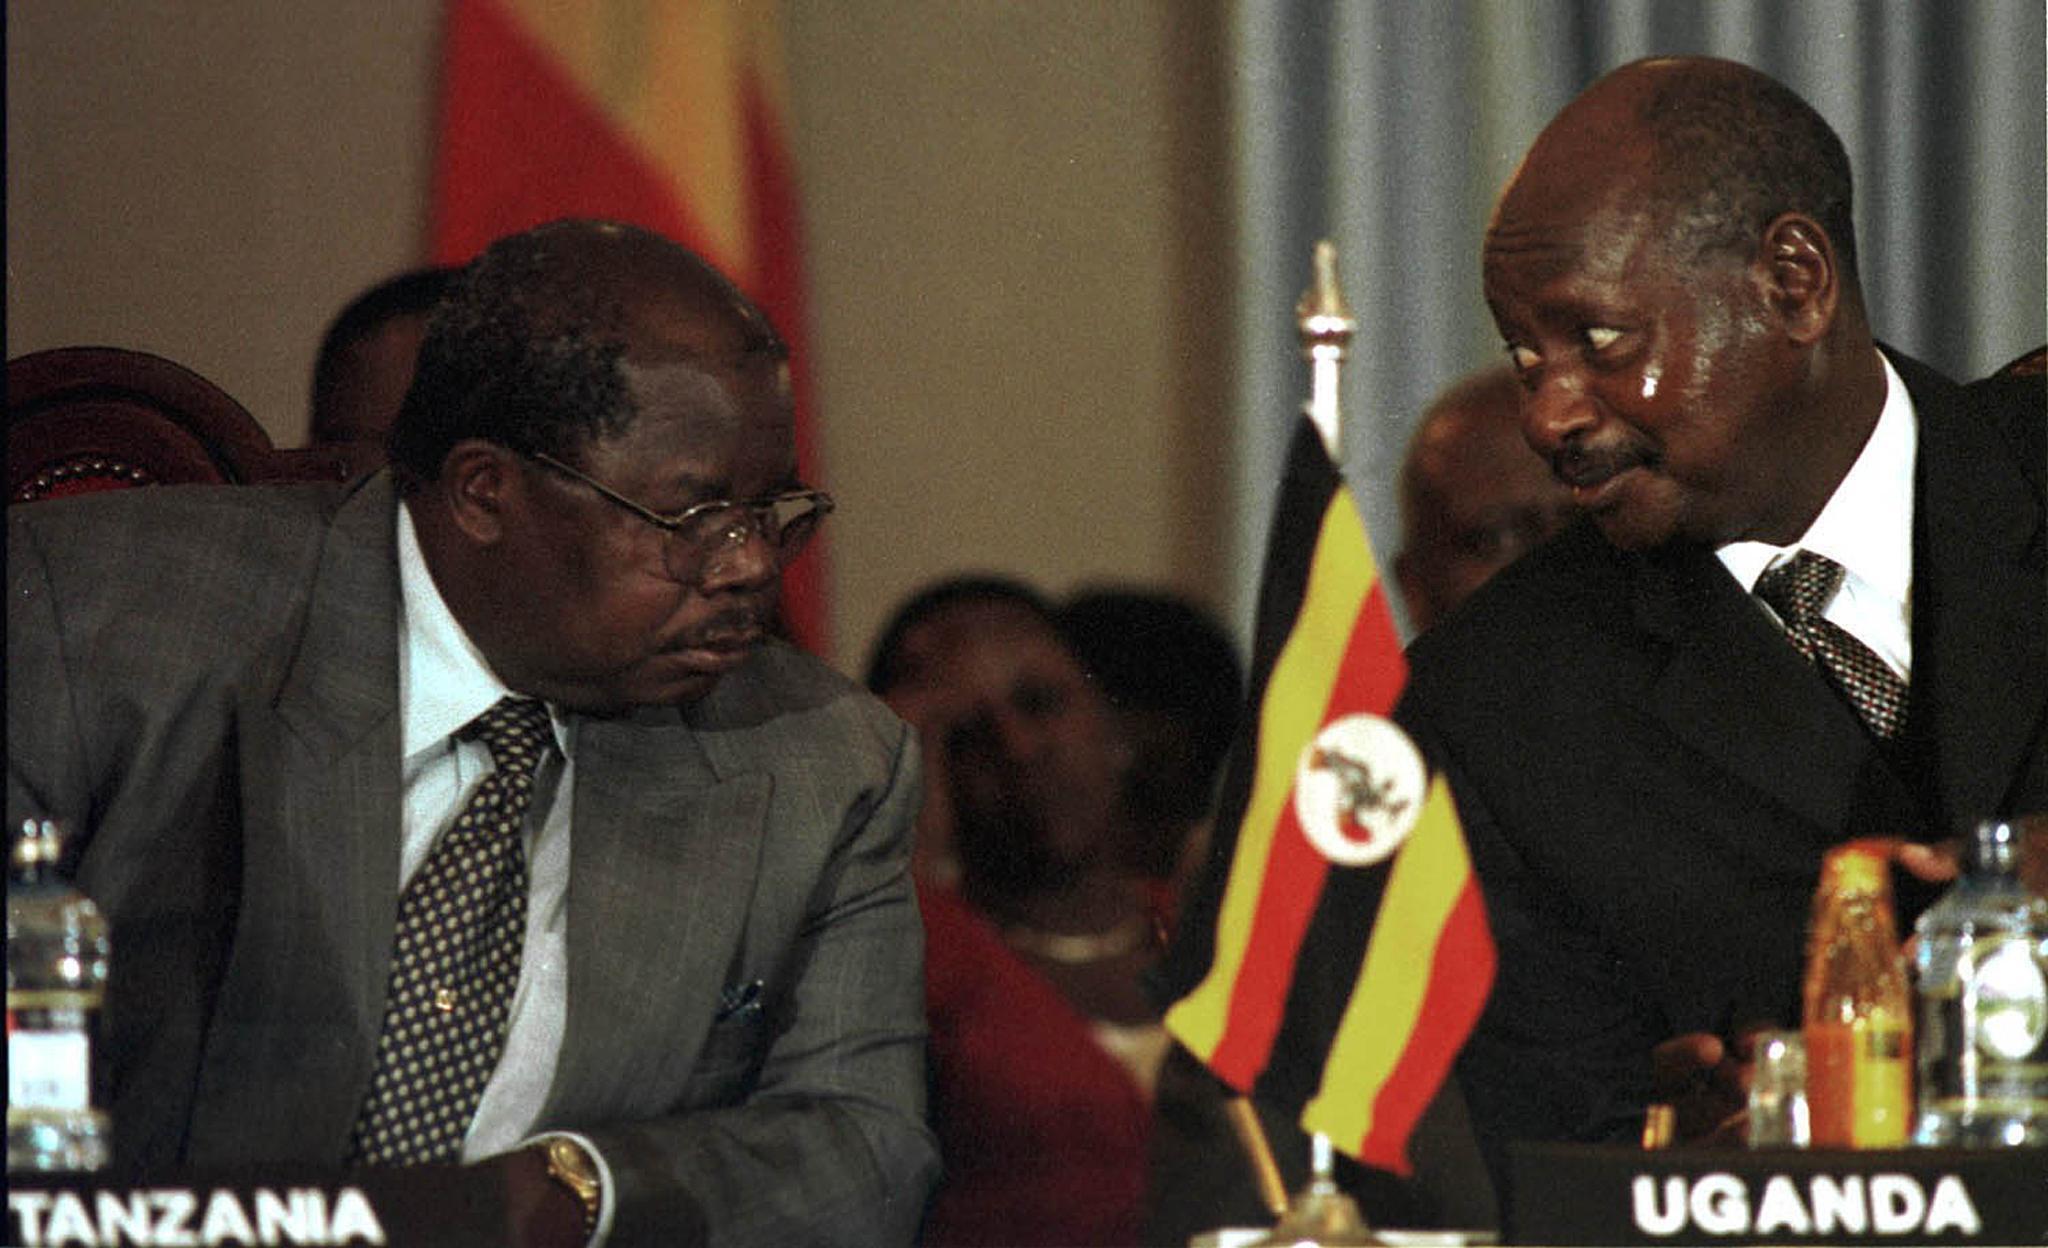 Benjamin Mkapa na Rais wa Uganda Yoweri Museveni katika moja ya mazungumzo ya Burundi mwaka 2000